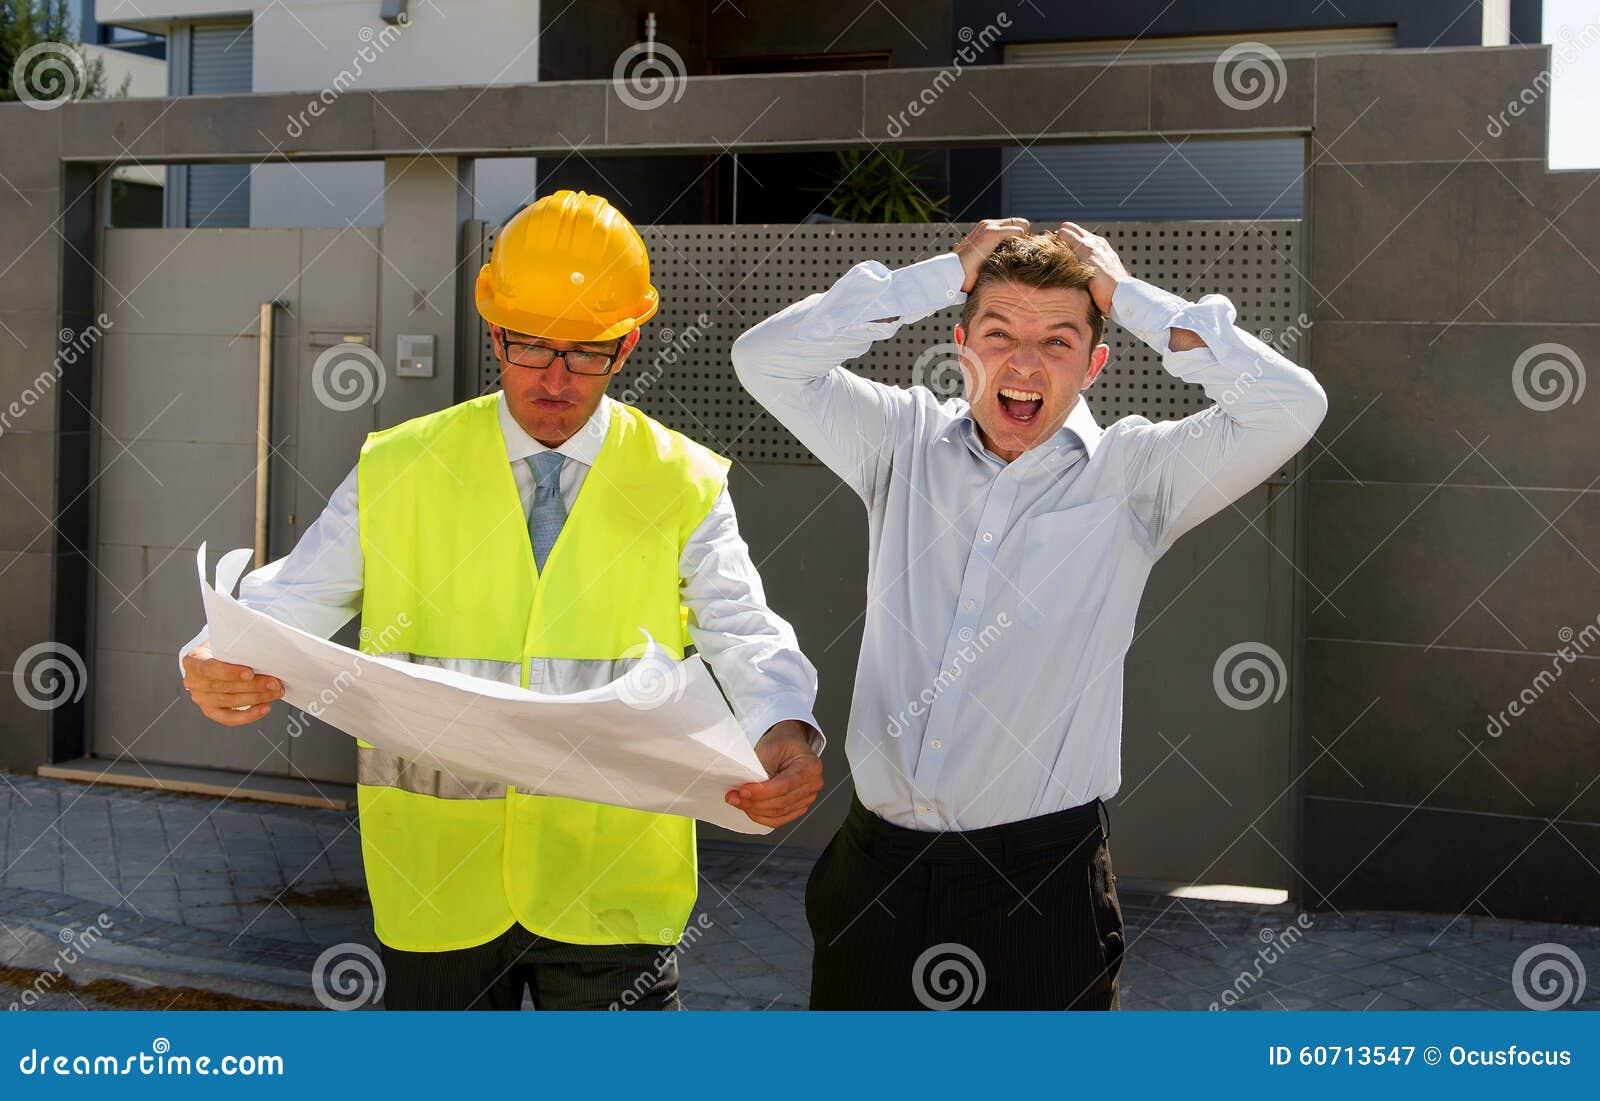 El cliente descontento en la tensión y el trabajador del capataz del constructor con el casco y el chaleco que discuten al aire l